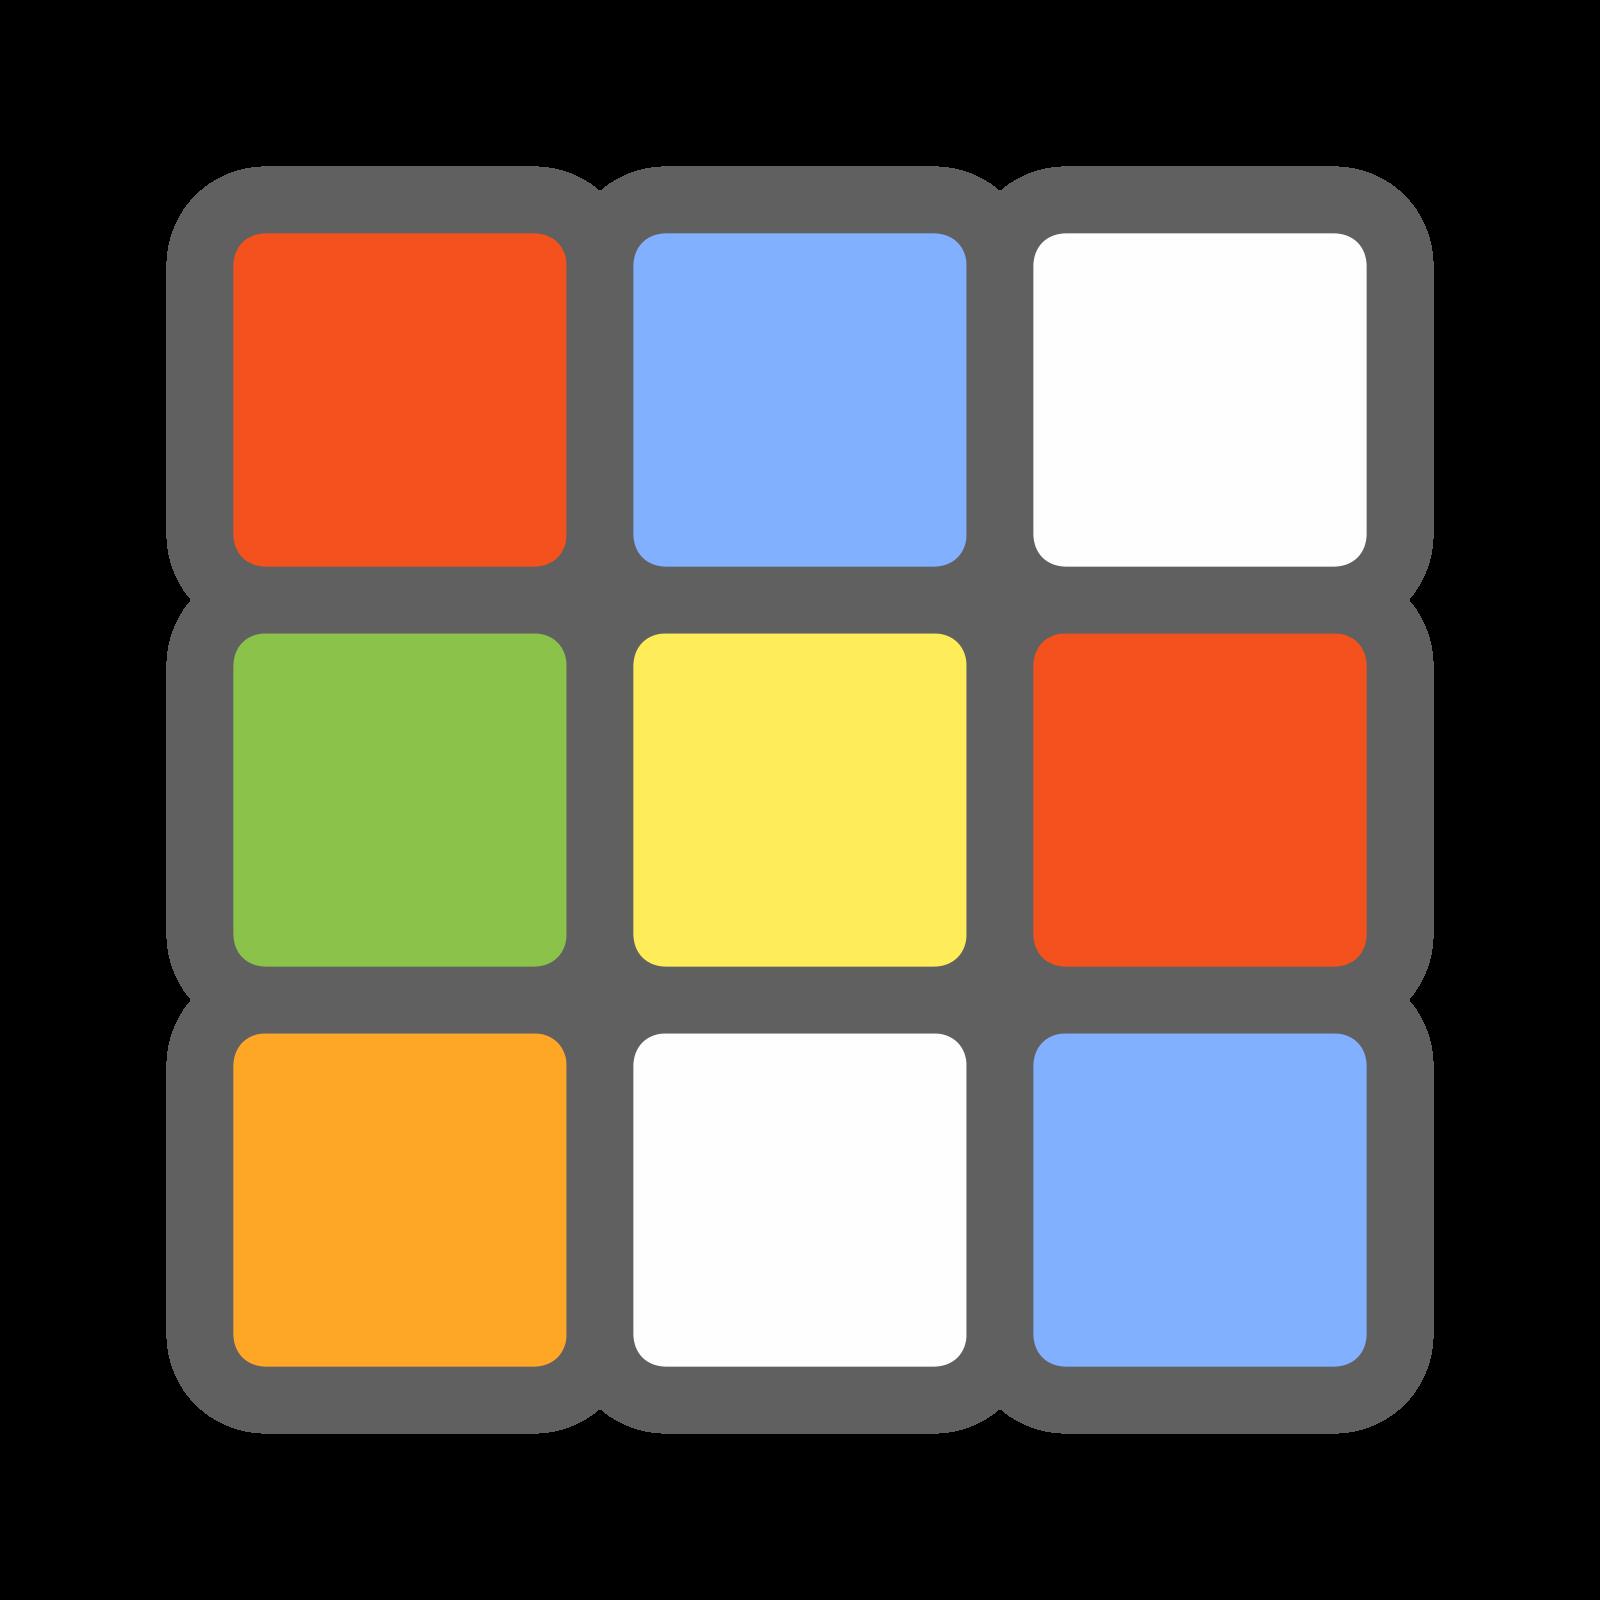 Juguetes - Juegos - Aficiones